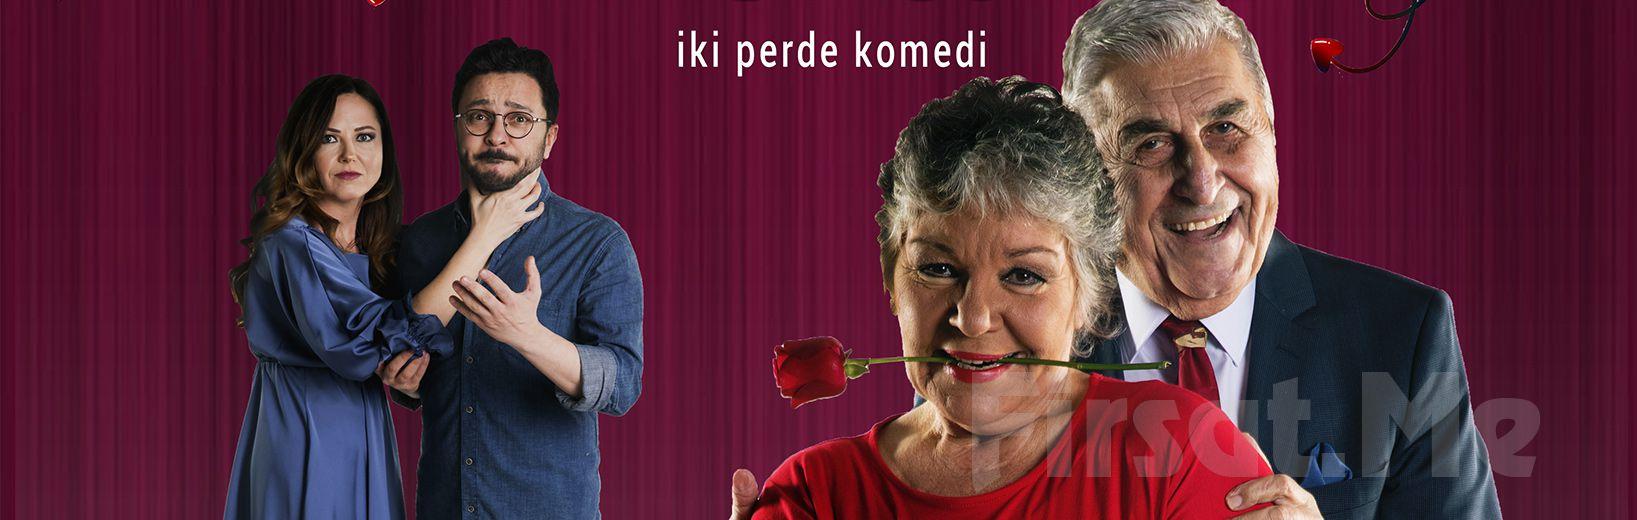 Cihat Tamer ve Usta Oyuncu Kadrosundan 'İkinci Bahar' Tiyatro Oyun Bileti